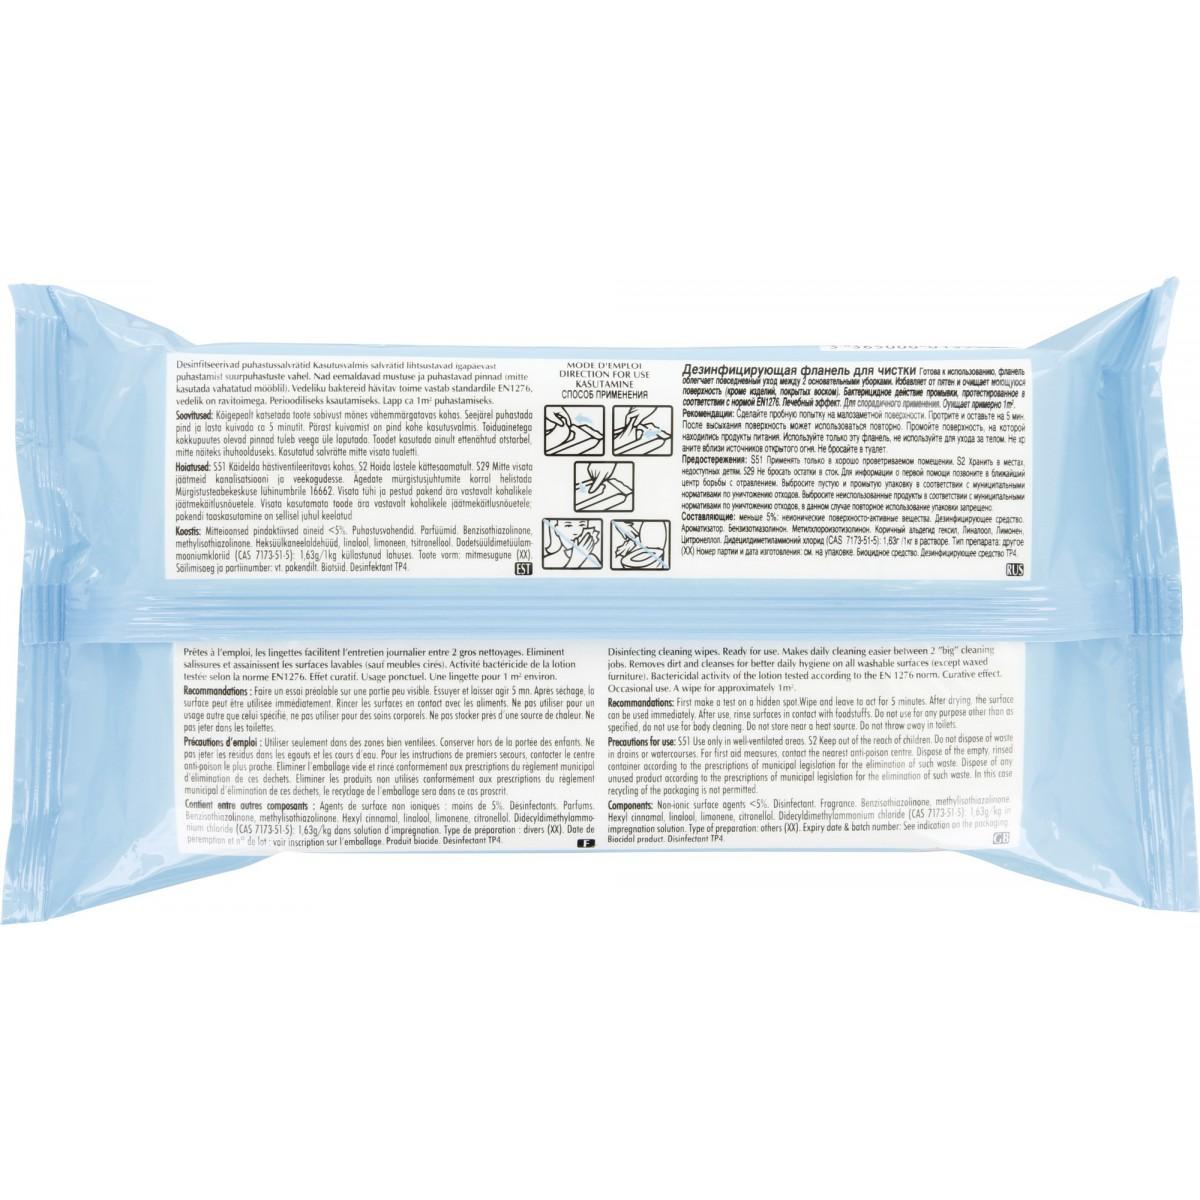 Lingette imprégnée nettoyante et désinfectante Starwax - 50 lingettes